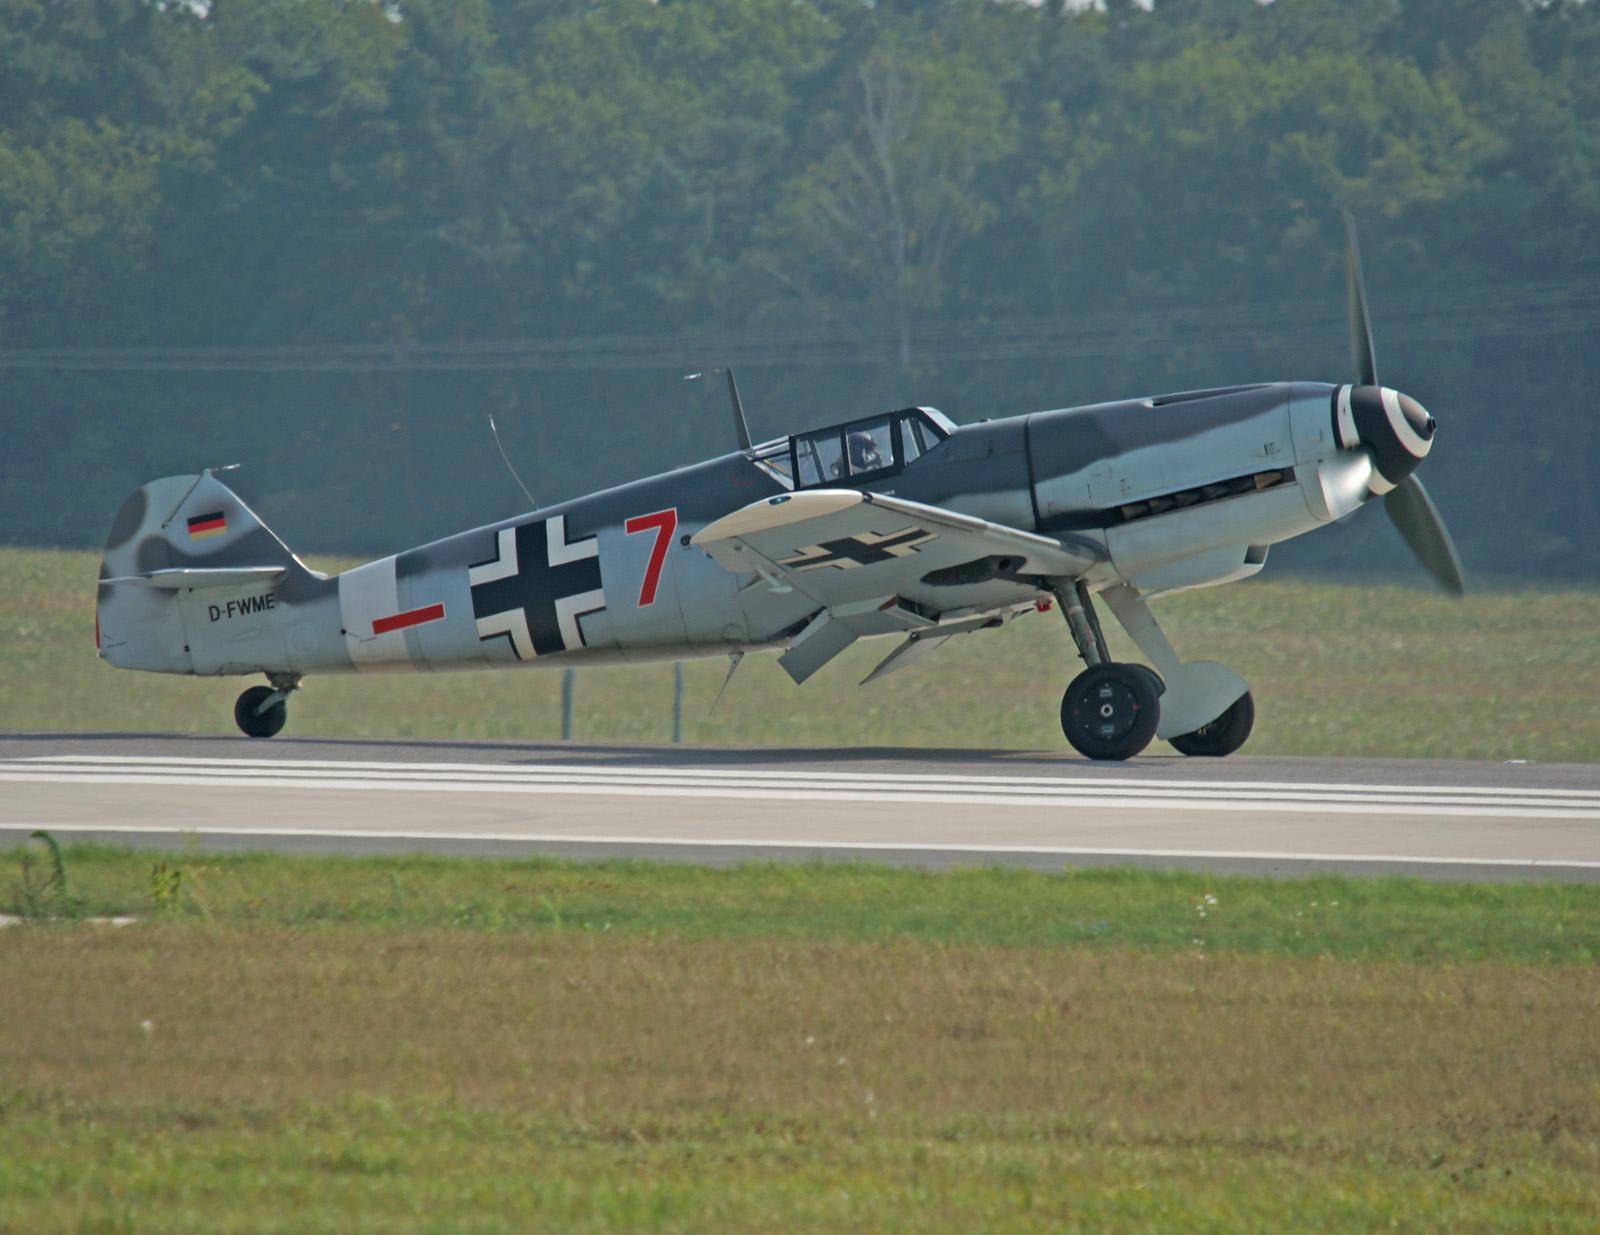 Messerschmitt Bf 109G-4 D-FWME/-+7 Luftwaffe (Messerschmitt Stiftung)